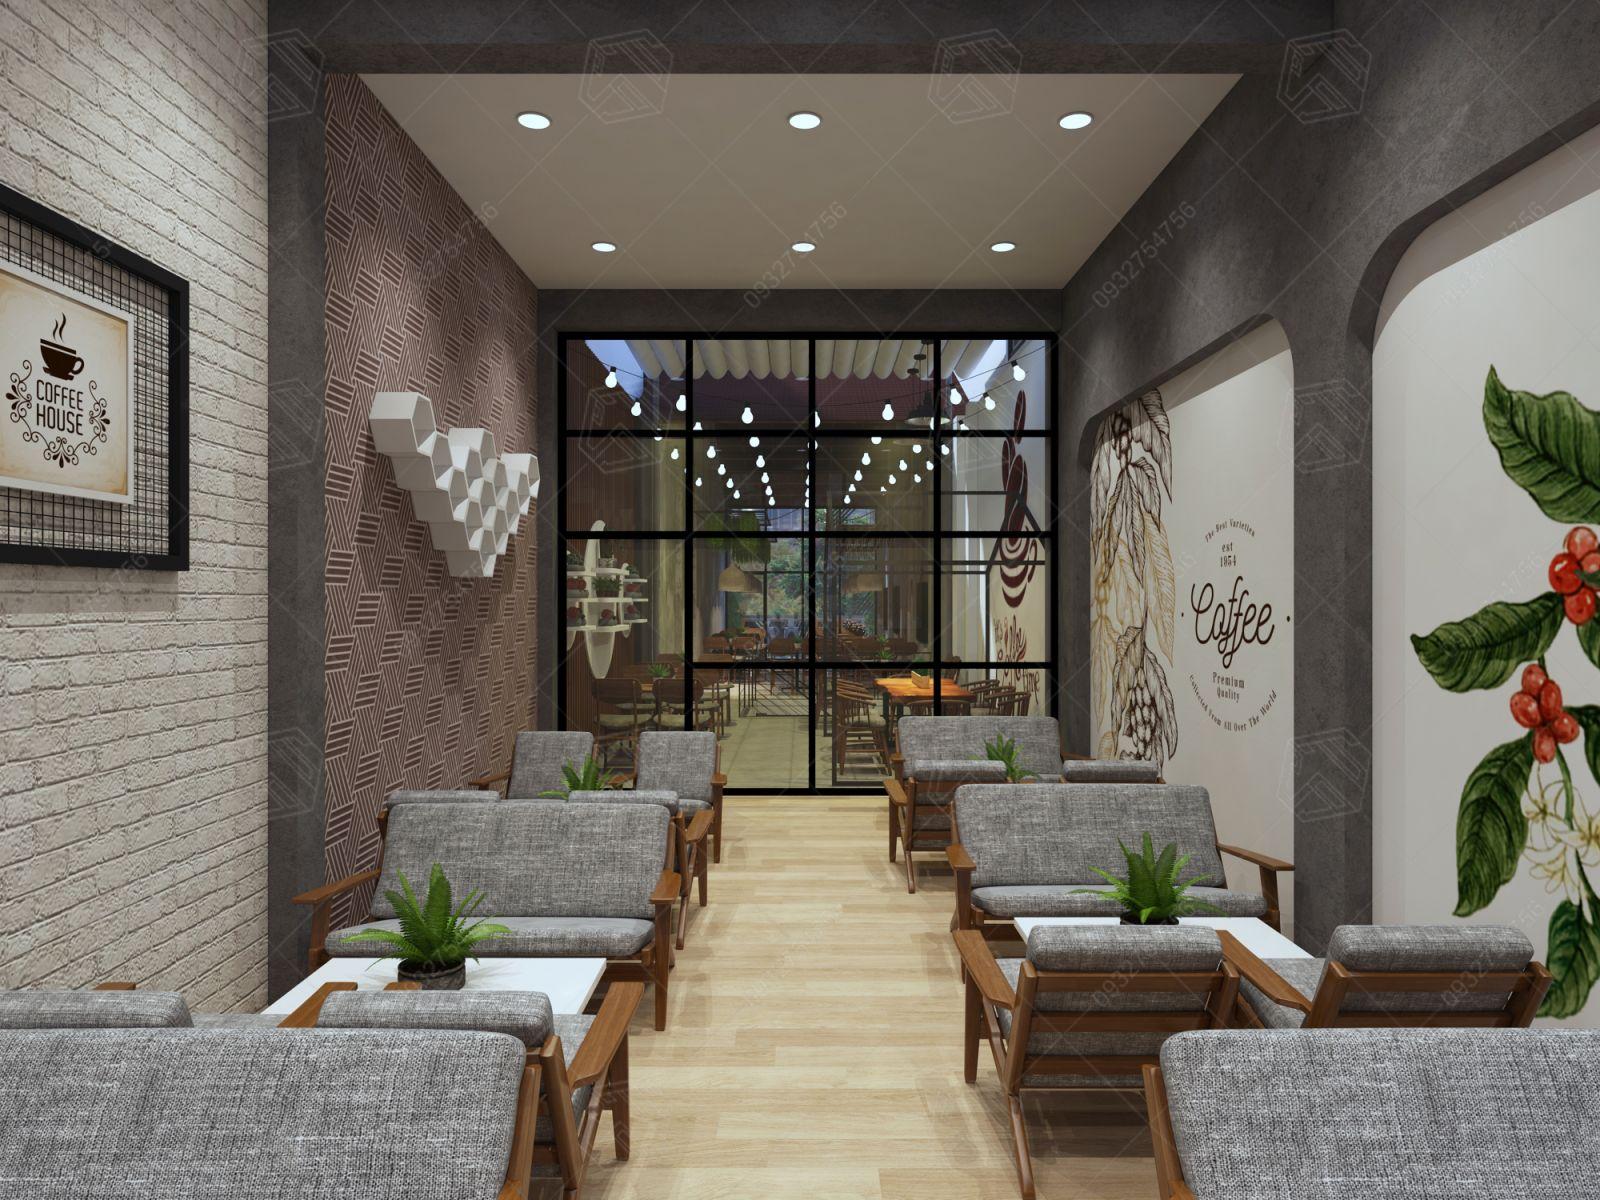 thiết kế quán cà phê long xuyên an giang